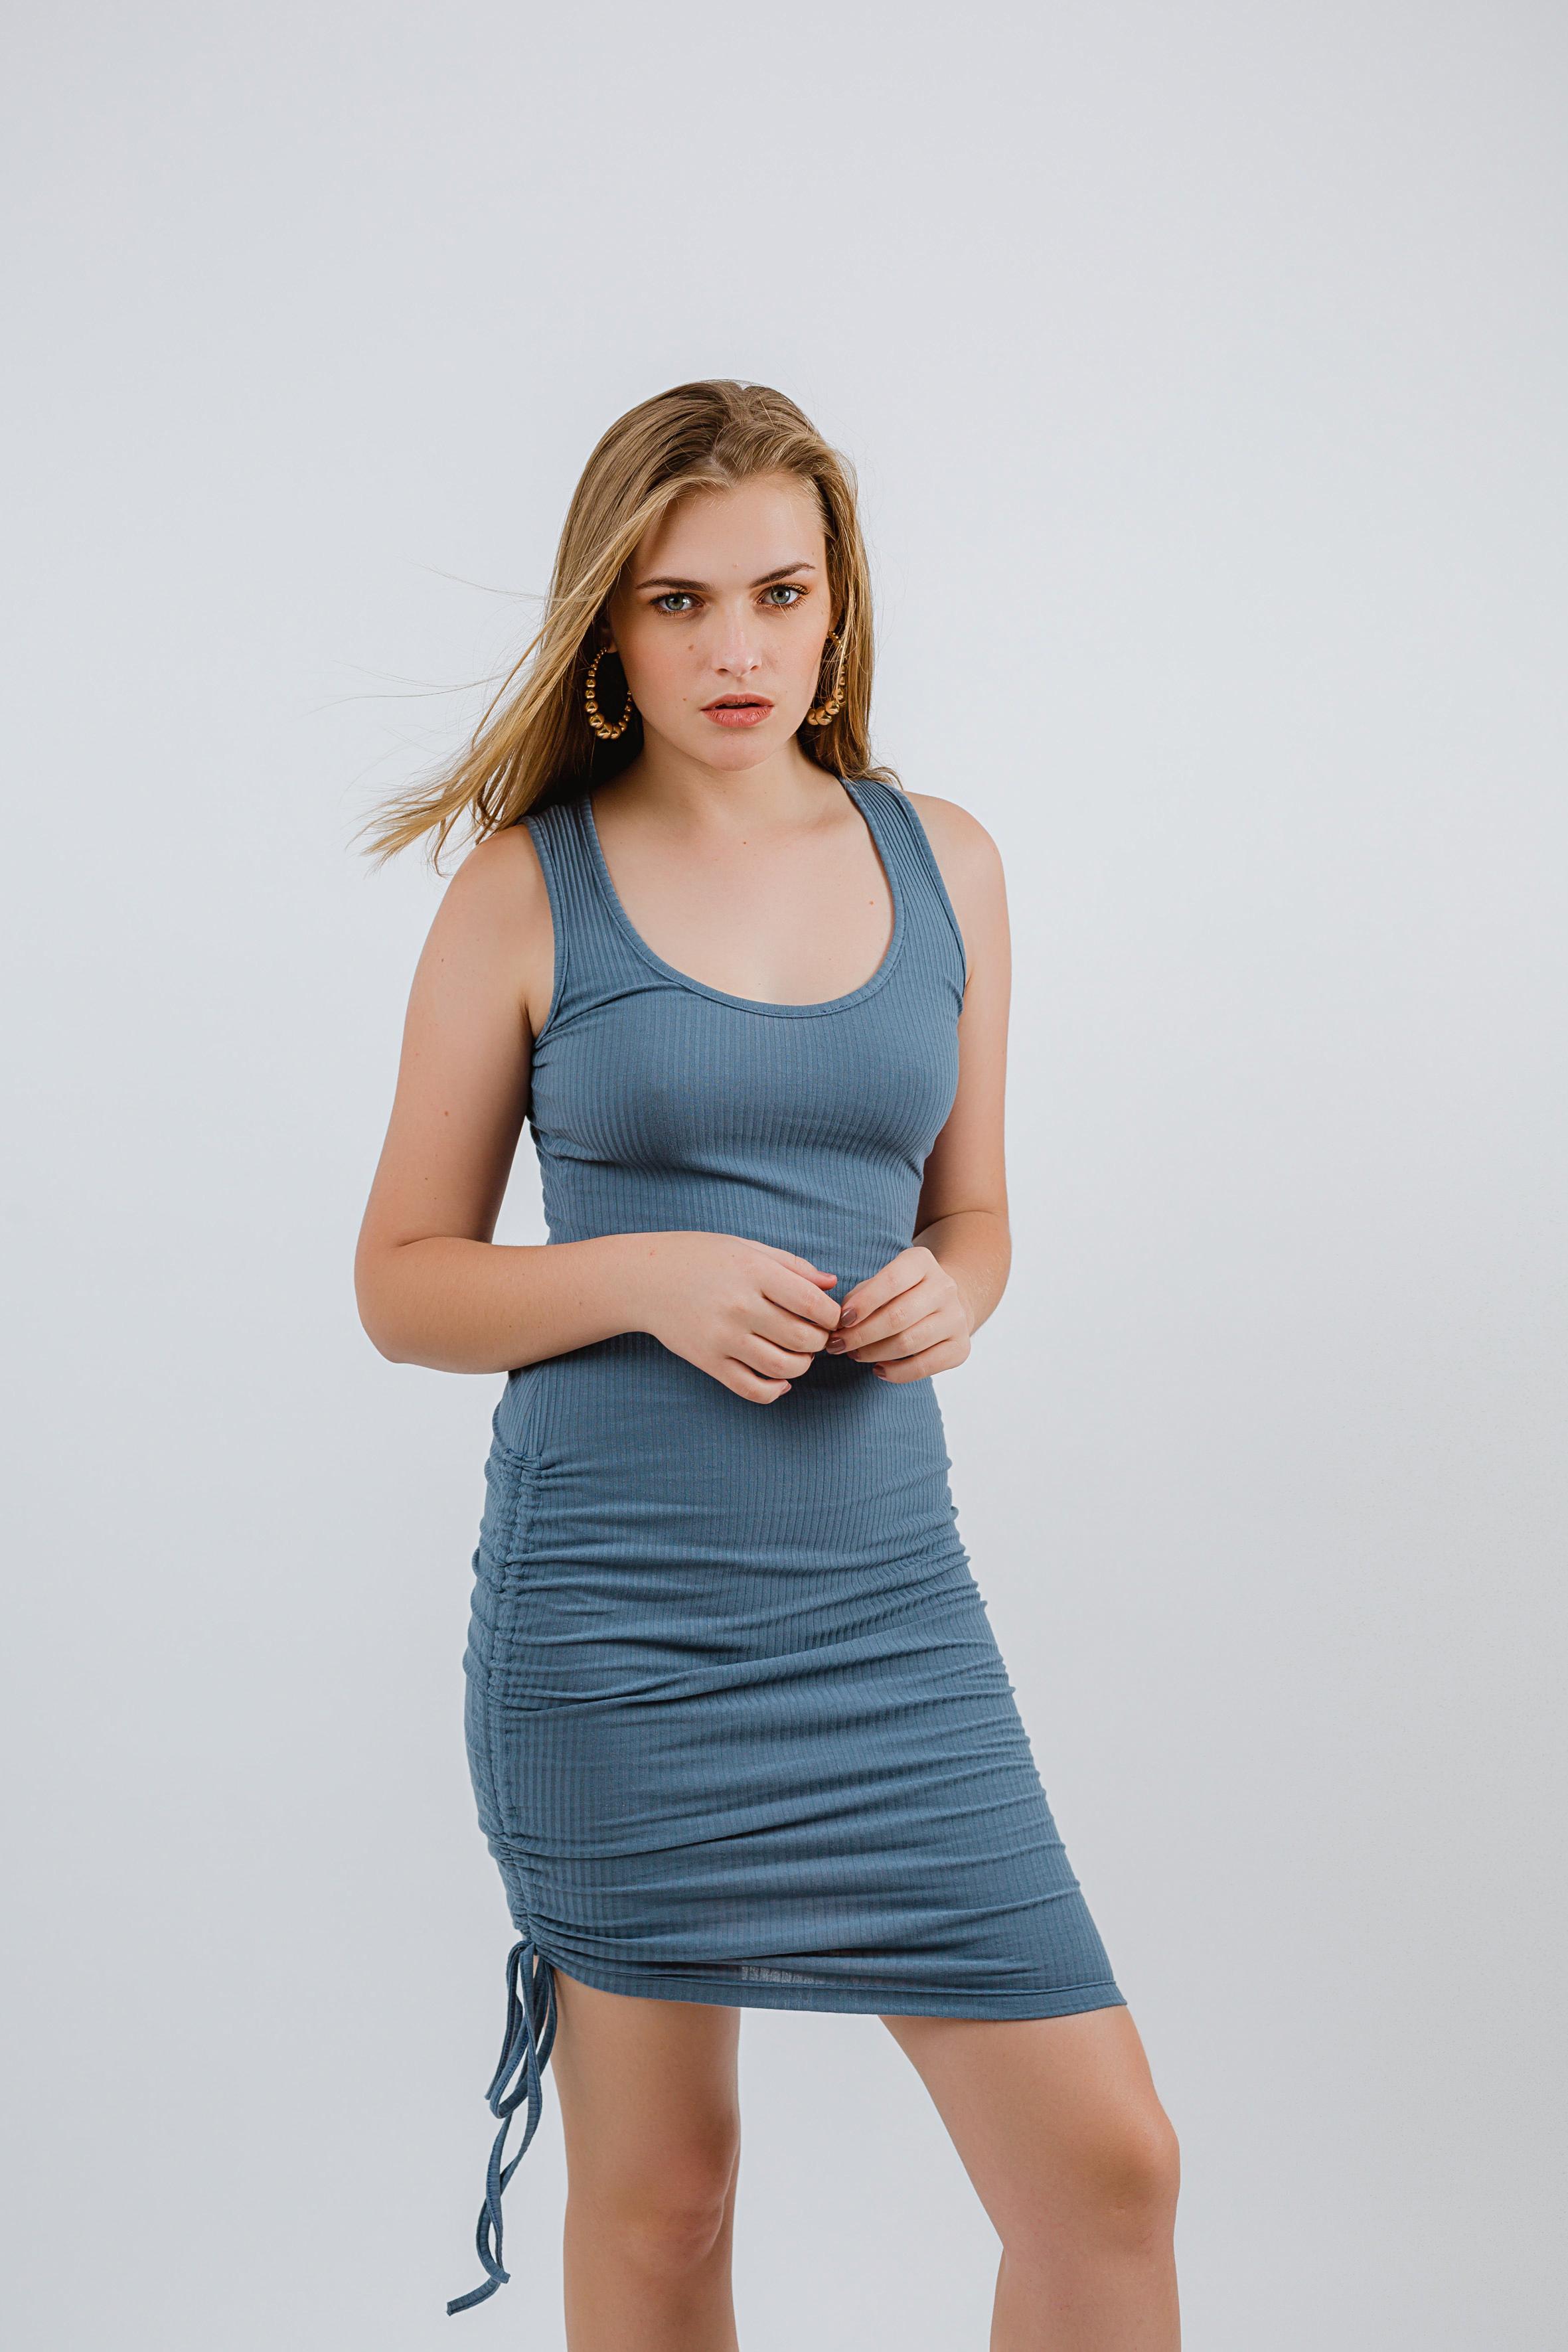 347de567ac71 Vestidos | Ropa de Mujer | Moda Mujer | Ripley Perú